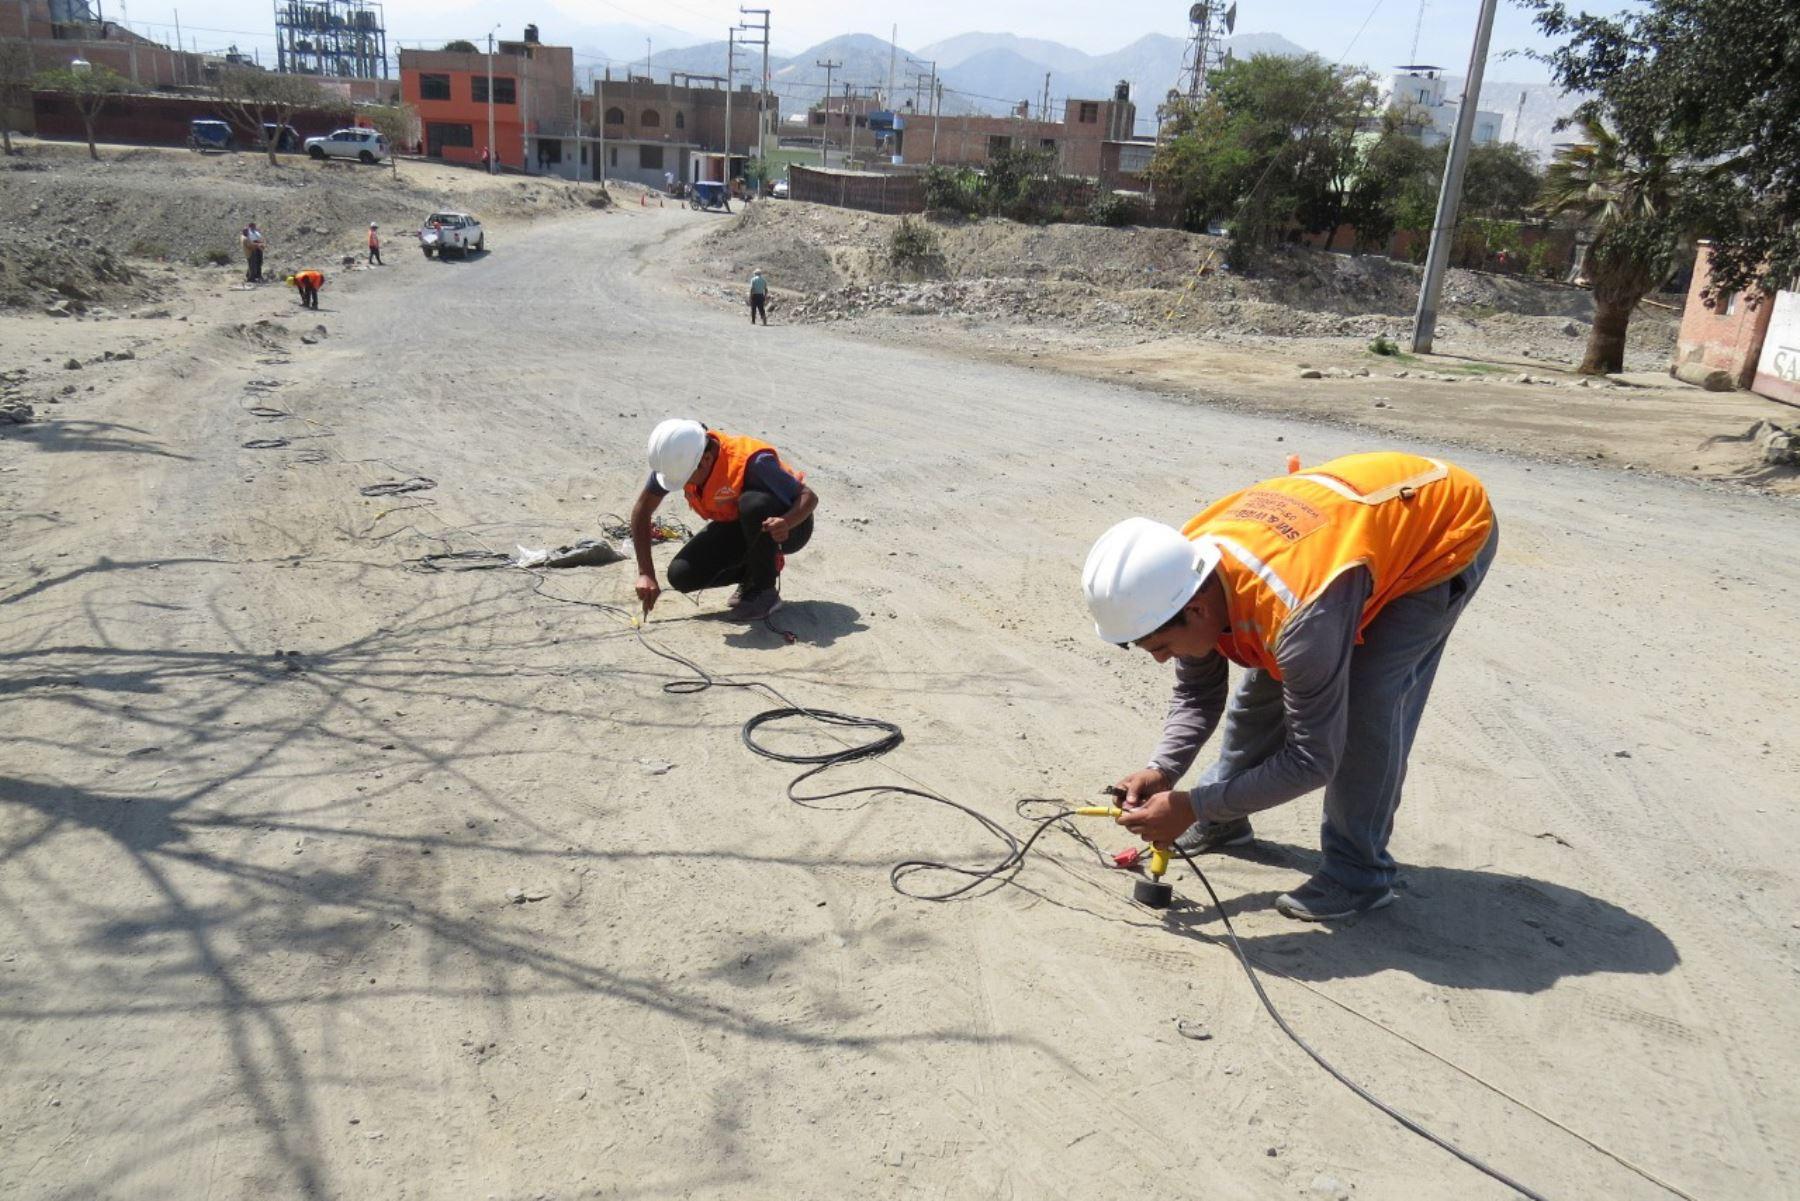 Especialistas efectúan el segundo estudio geofísico en el terreno donde se proyecta construir el nuevo puente Solivín, en la región Áncash. Foto: ANDINA/Gonzalo Horna